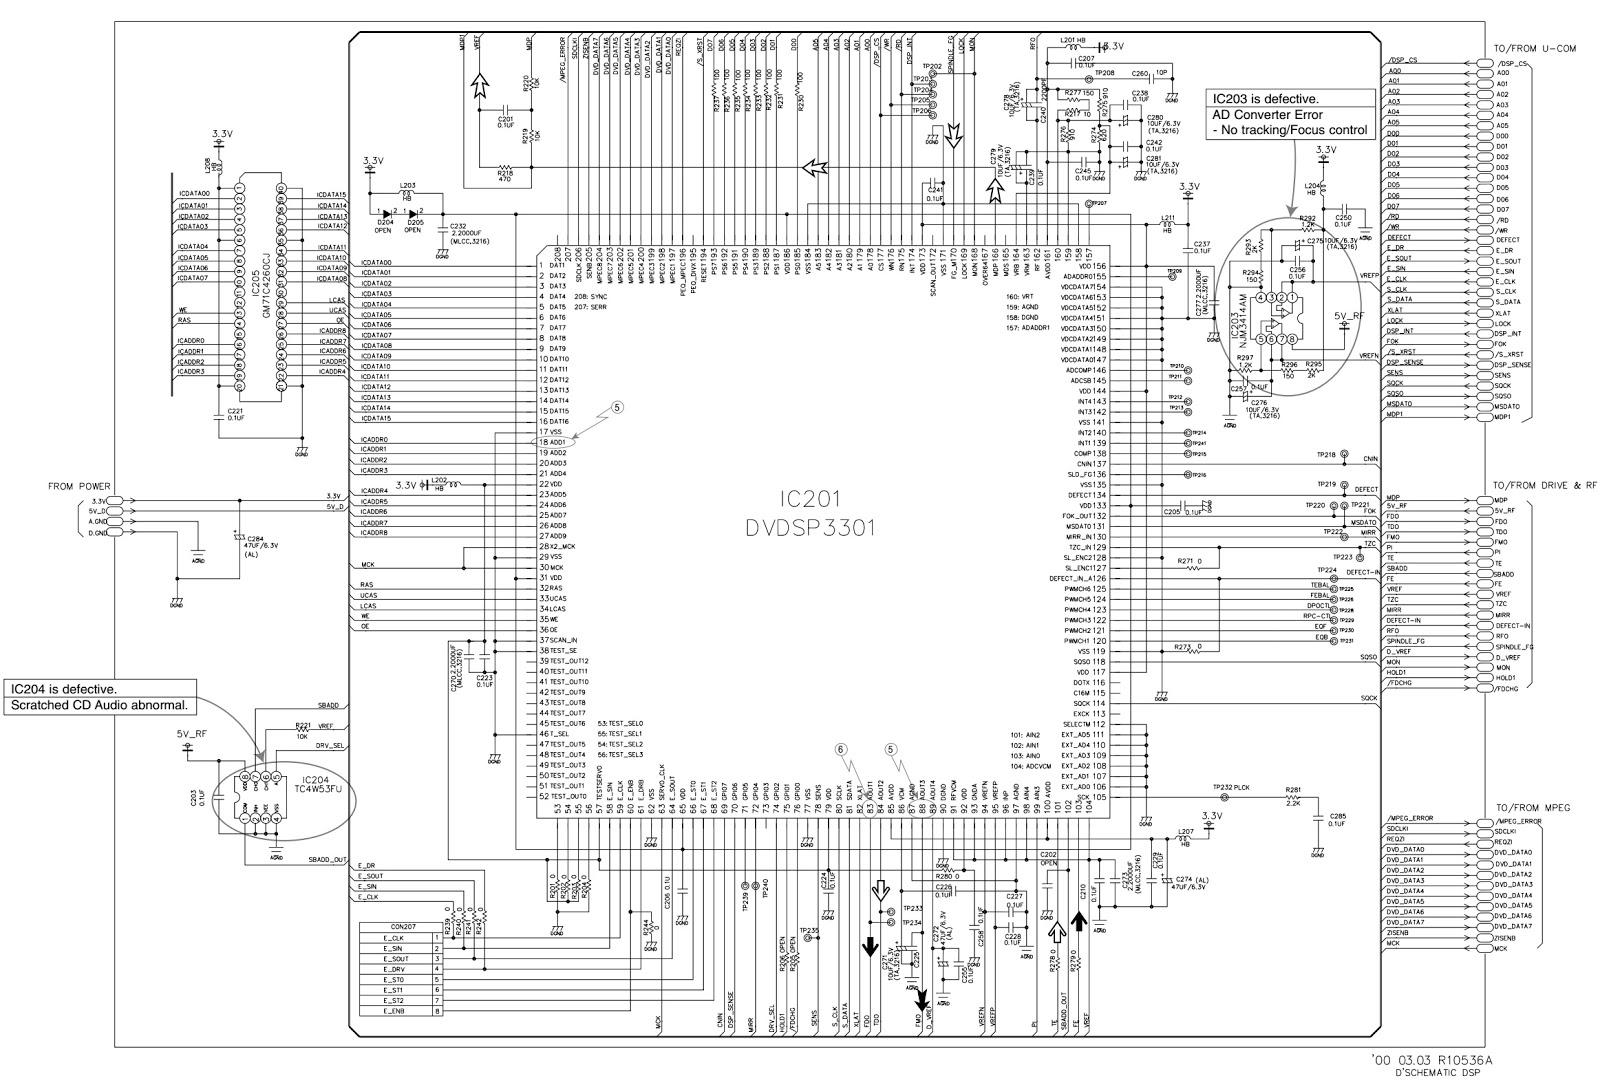 42 vizio tv schematic diagram wiring diagram 42 vizio tv schematic diagram [ 1600 x 1085 Pixel ]